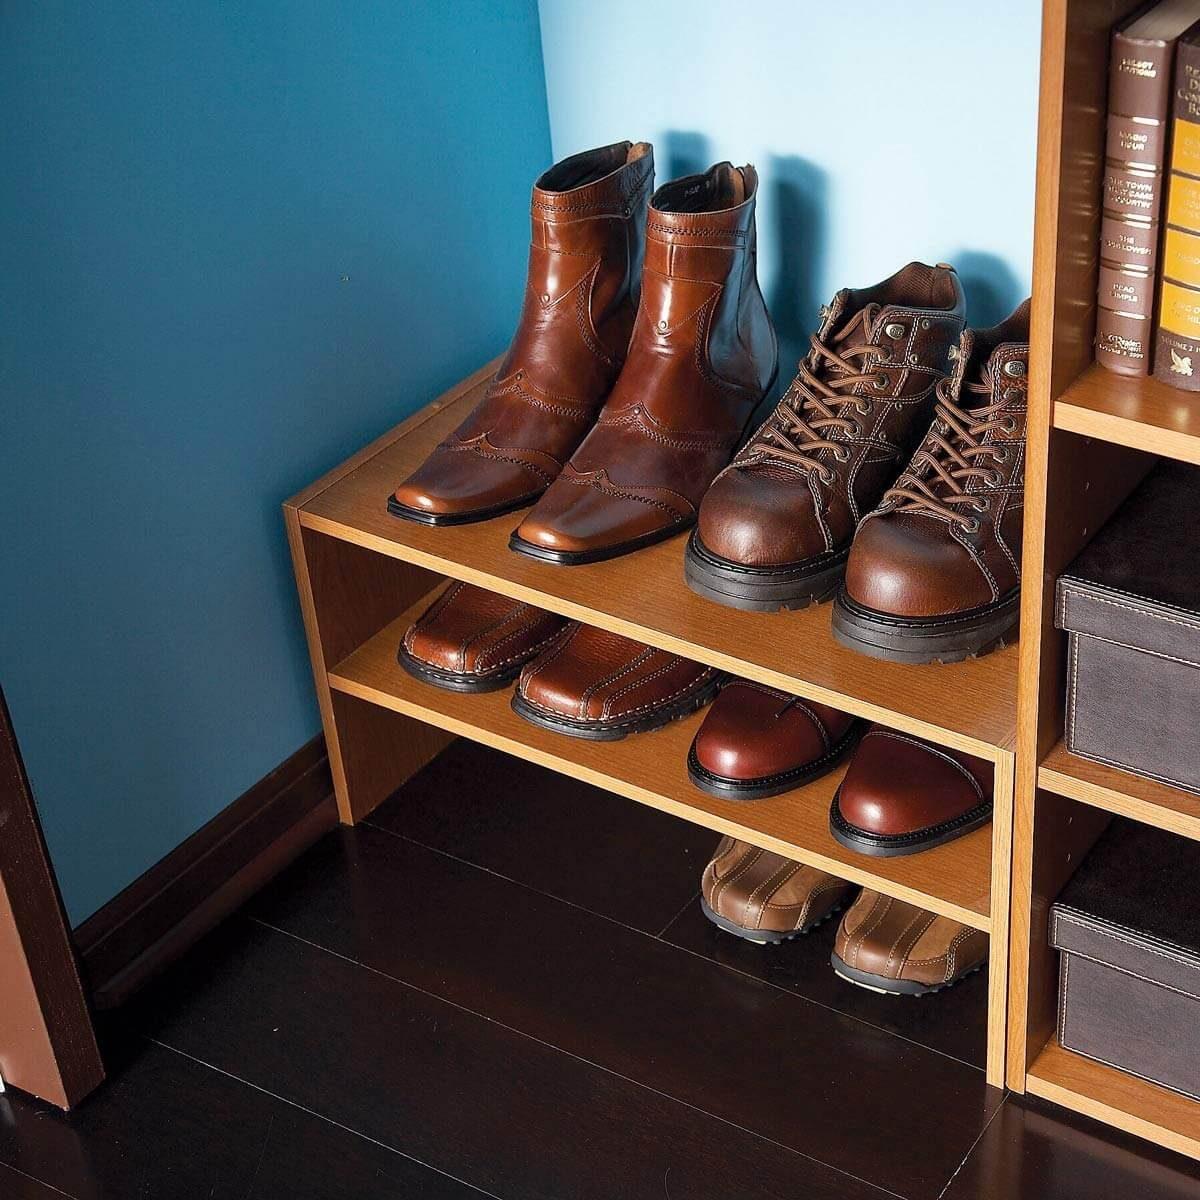 Use Shoe Shelves, not Cubbies